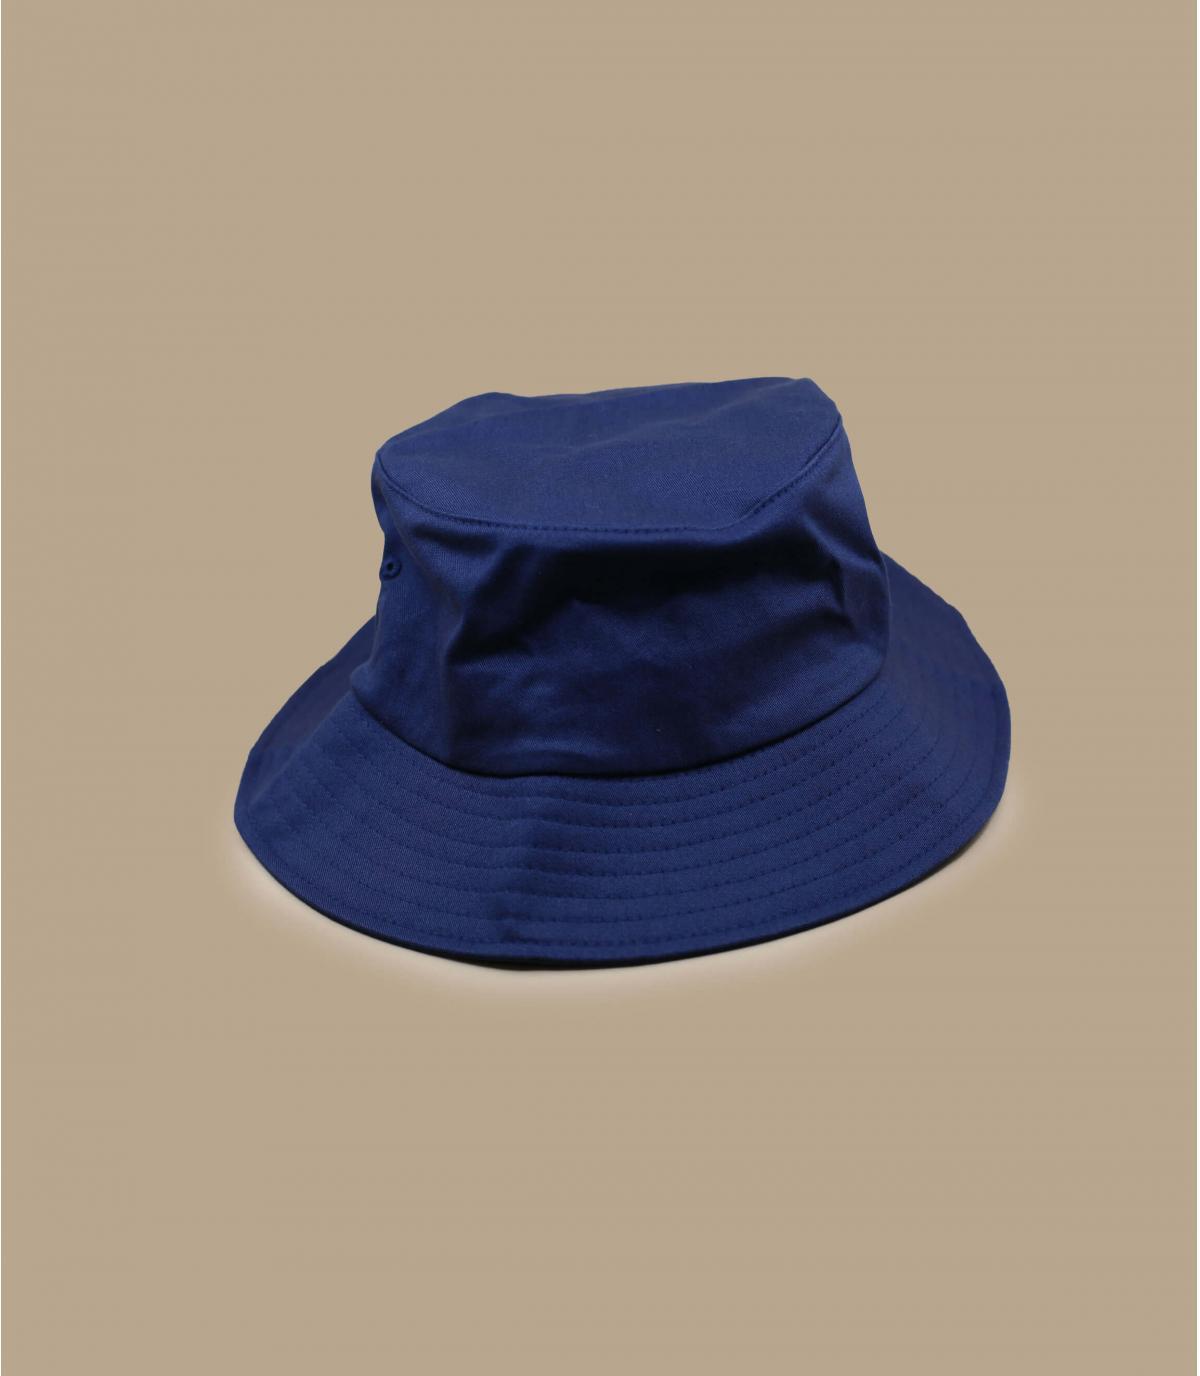 Détails Bob bleu flexfit wm - image 1